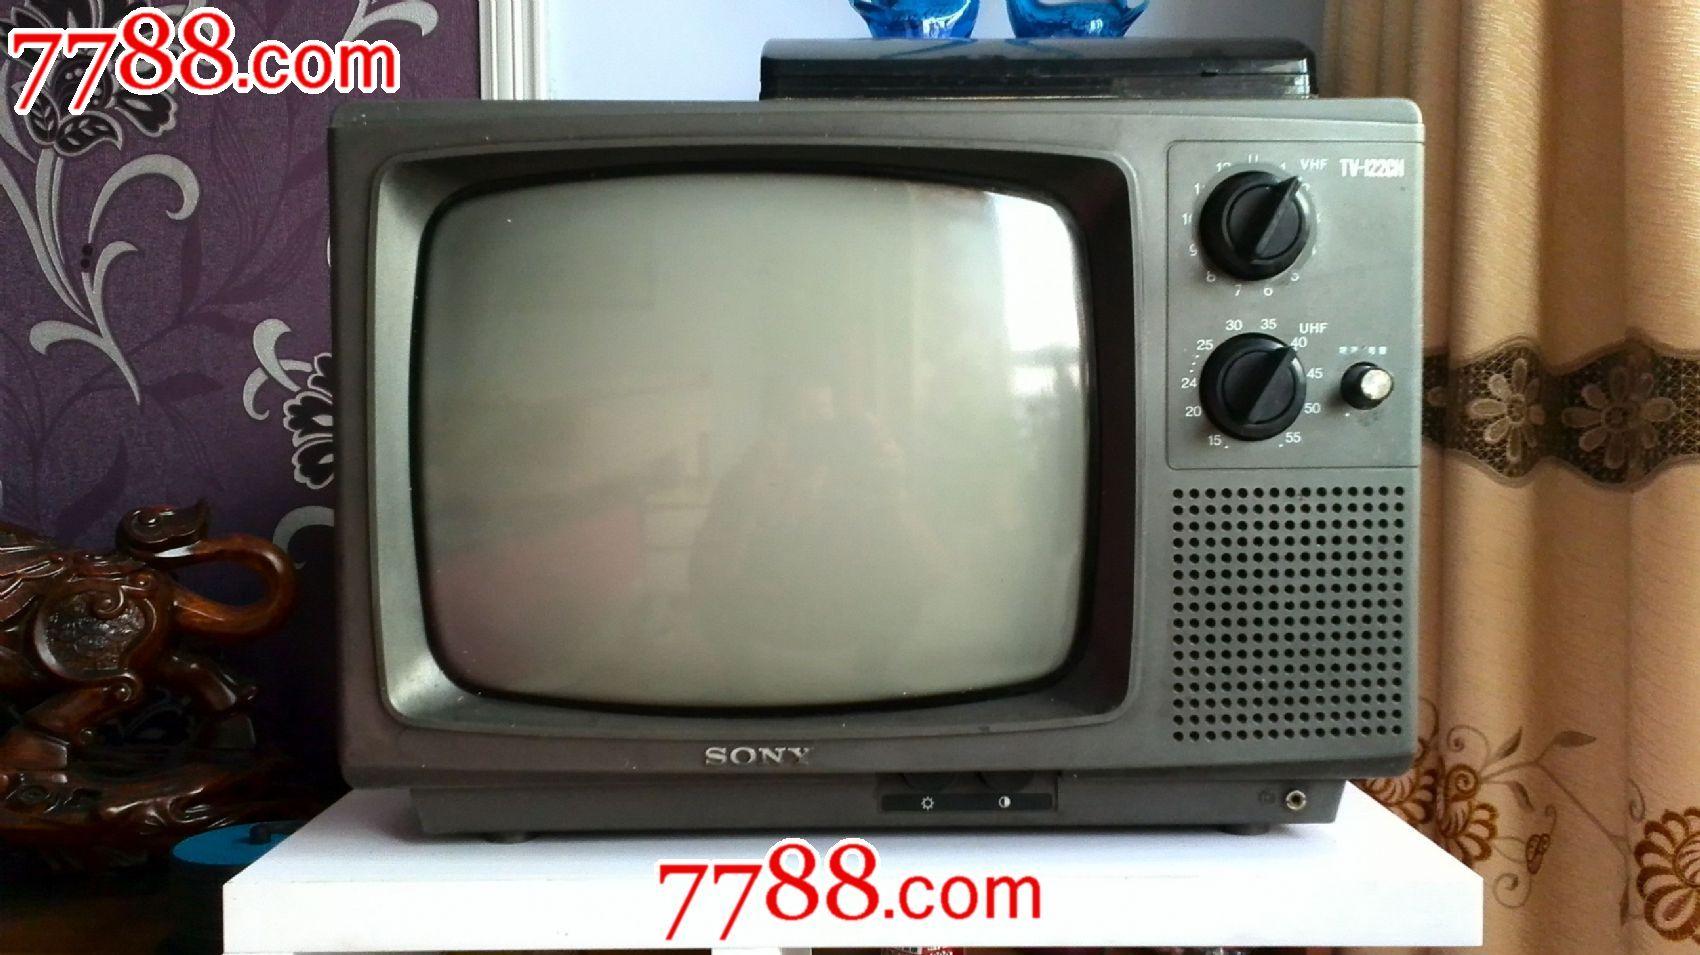 索尼牌tv-122gh黑白电视机